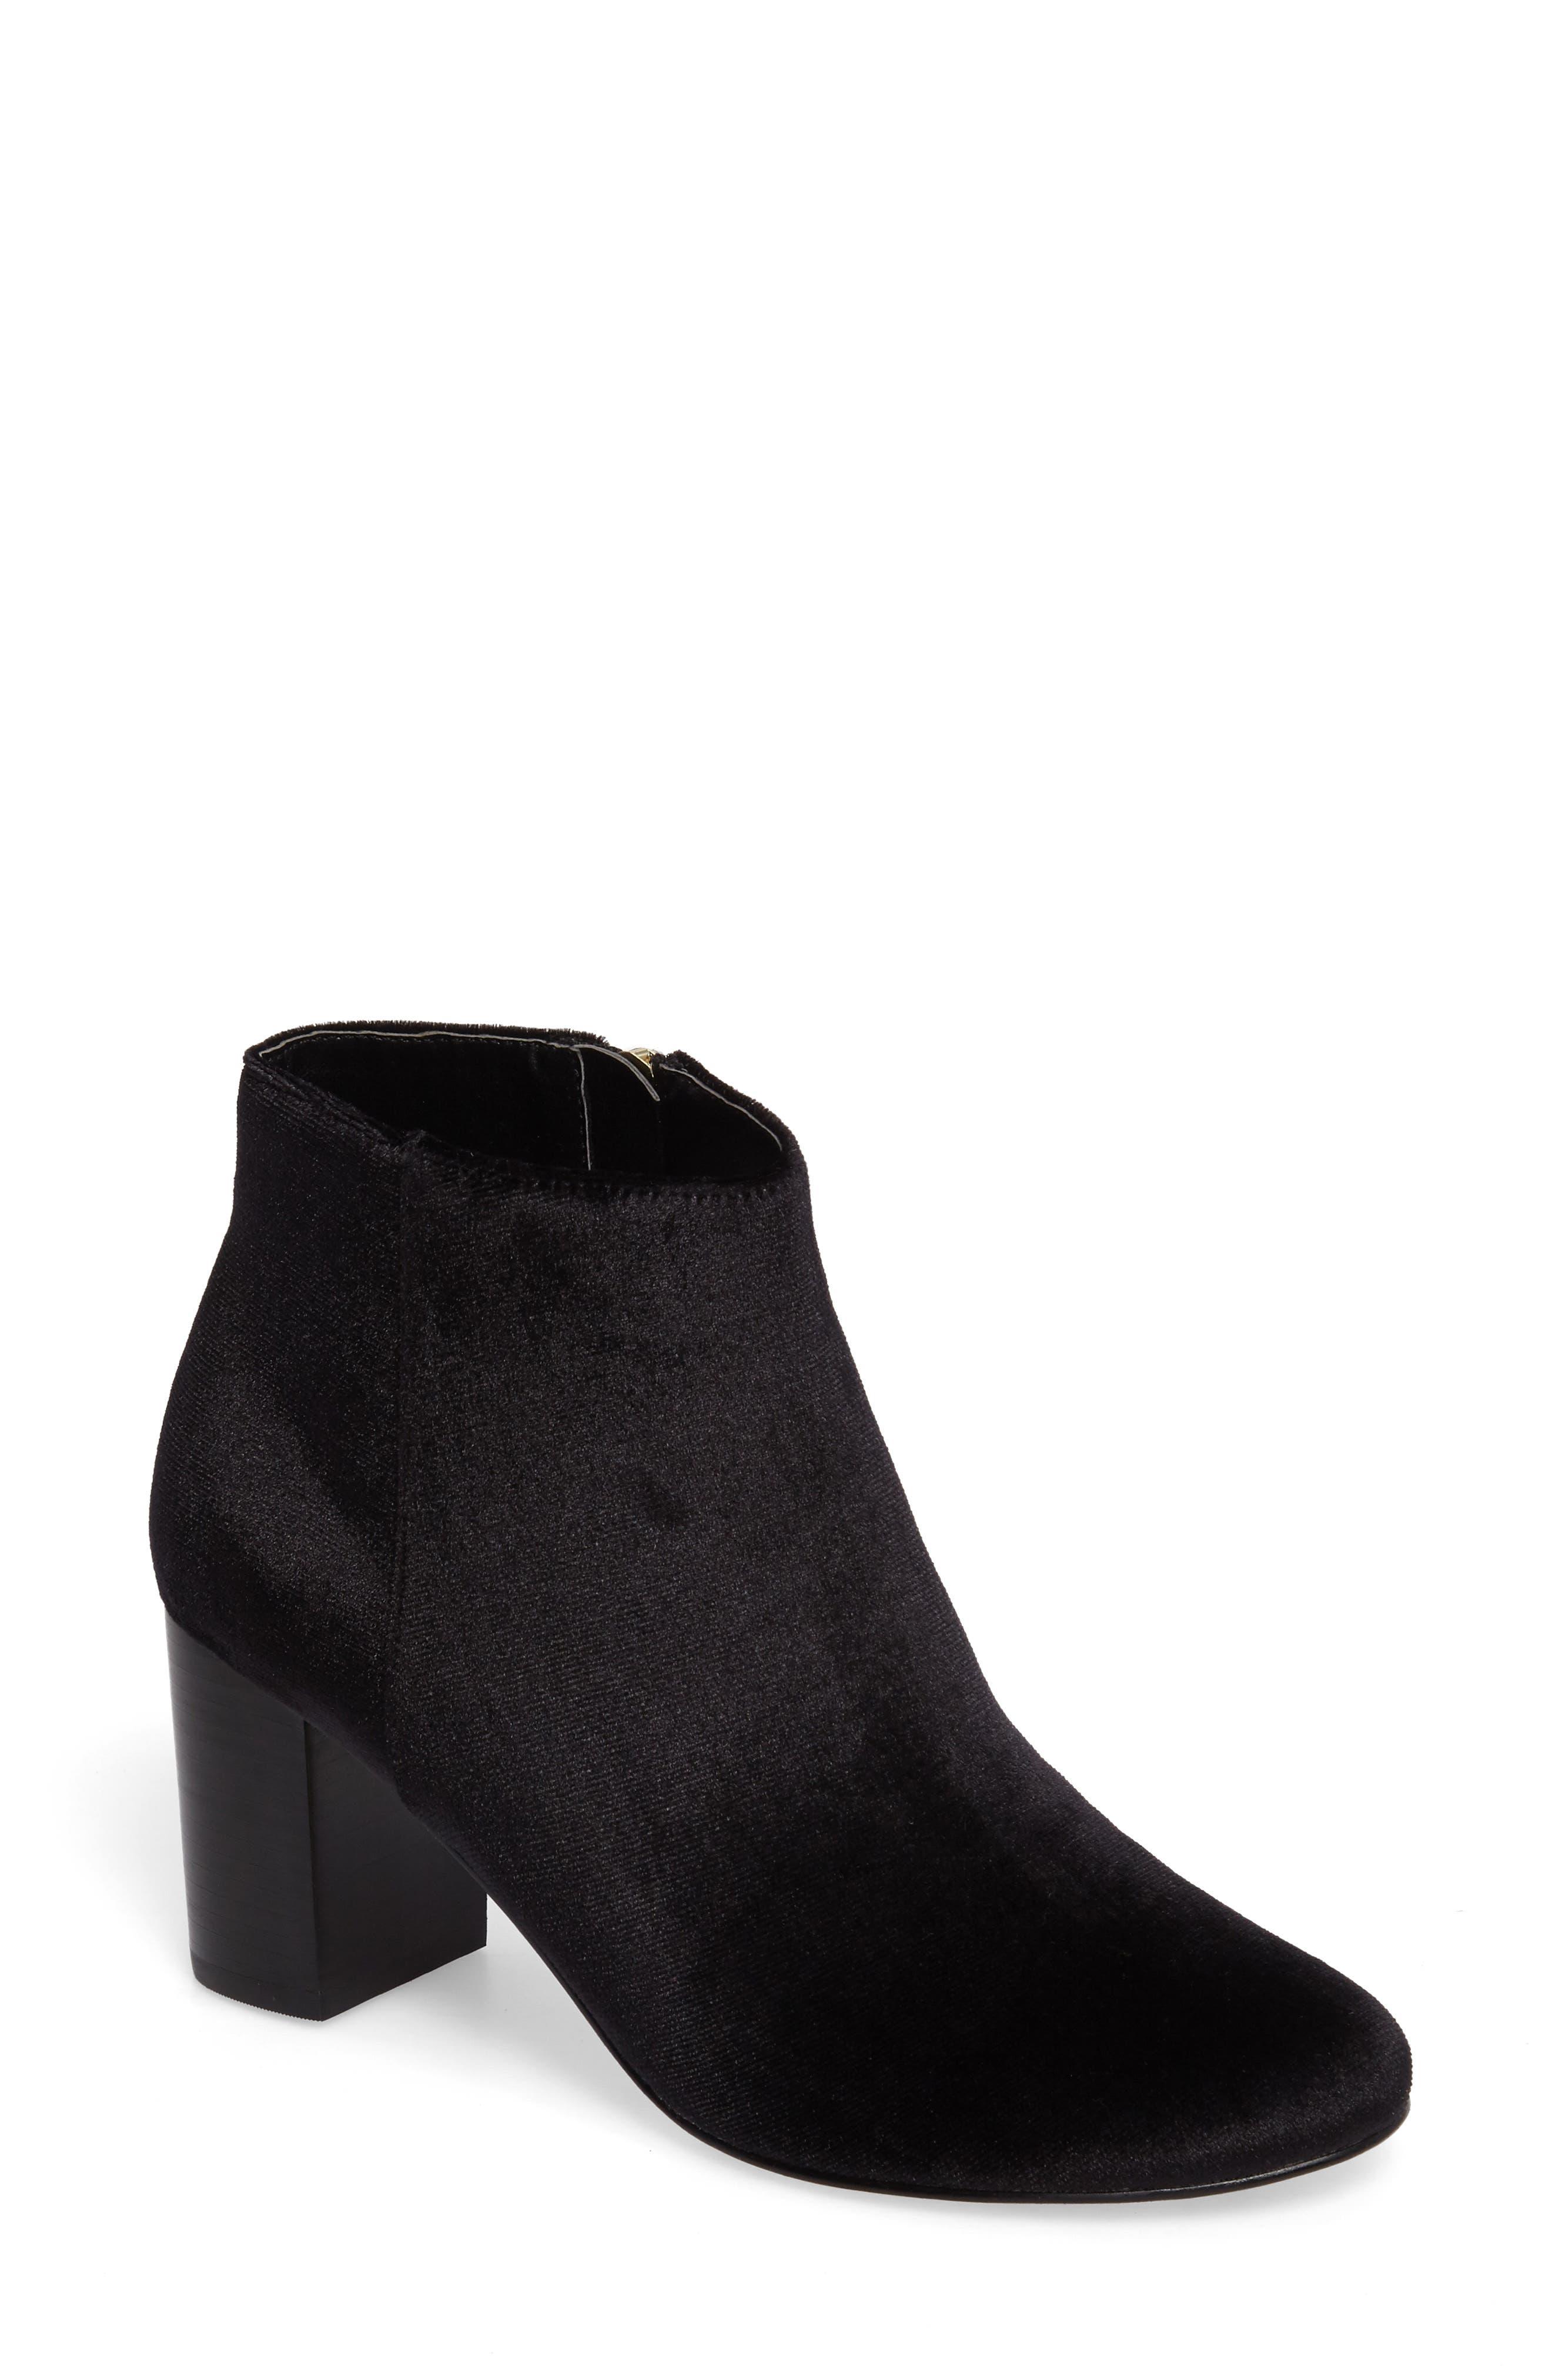 Alternate Image 1 Selected - Bella Vita Klaudia II Block Heel Bootie (Women)